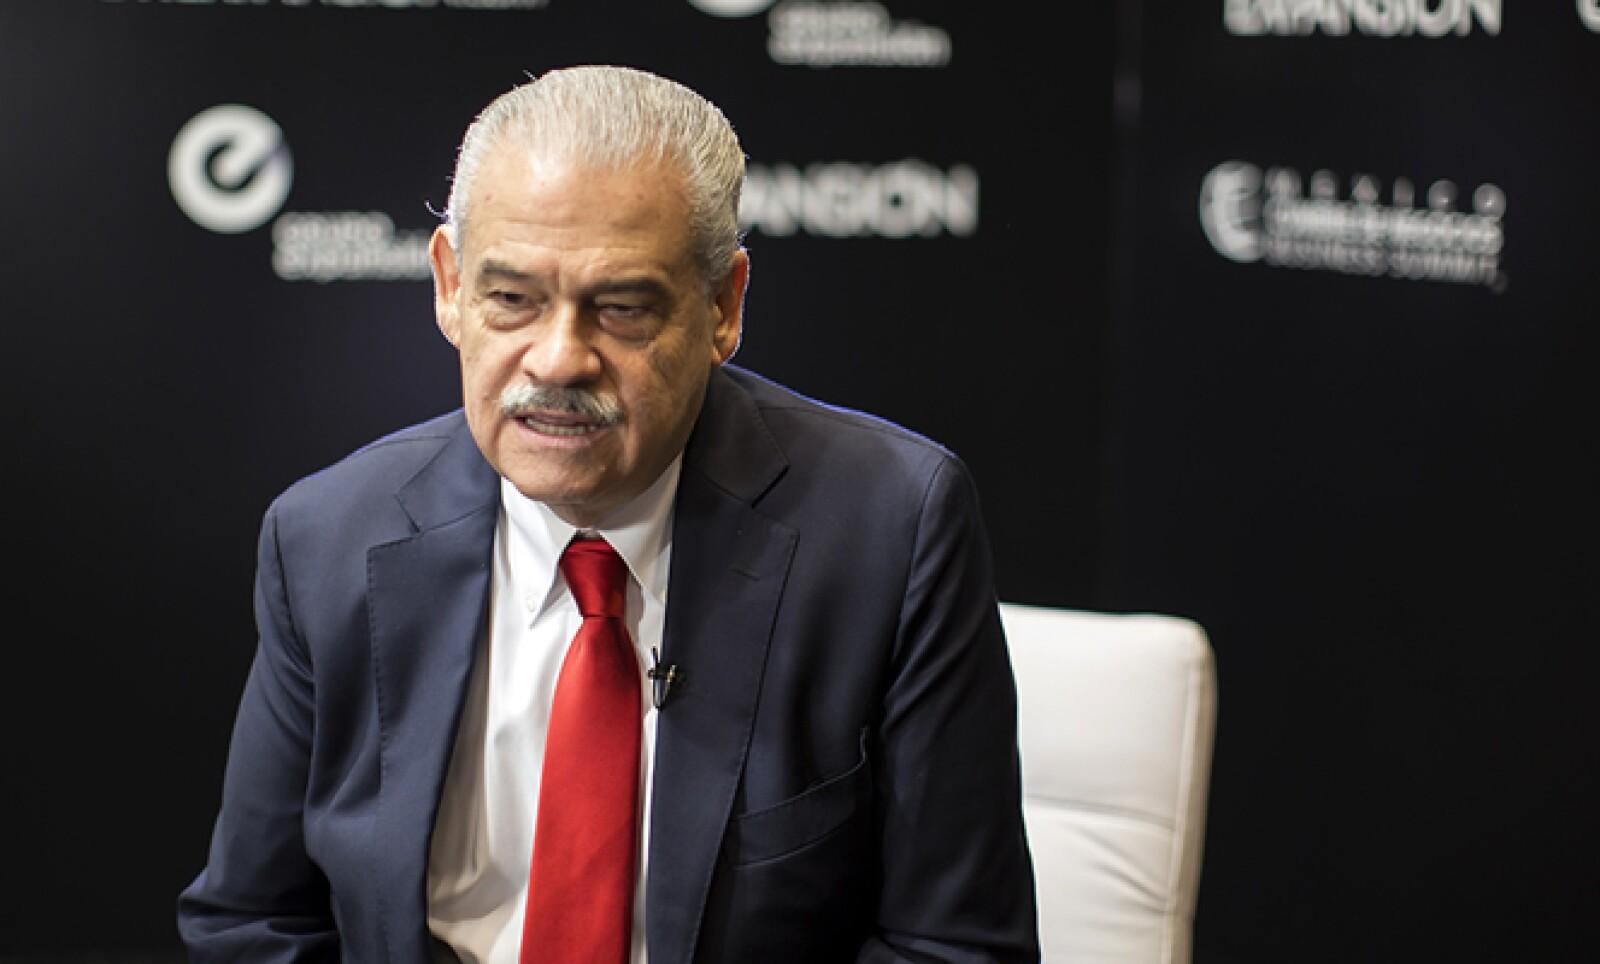 El embajador de México en EU declaró que la relación entre ambos países debe profundizarse para pasar de una sociedad de comercio a una sociedad de producción en América del Norte.